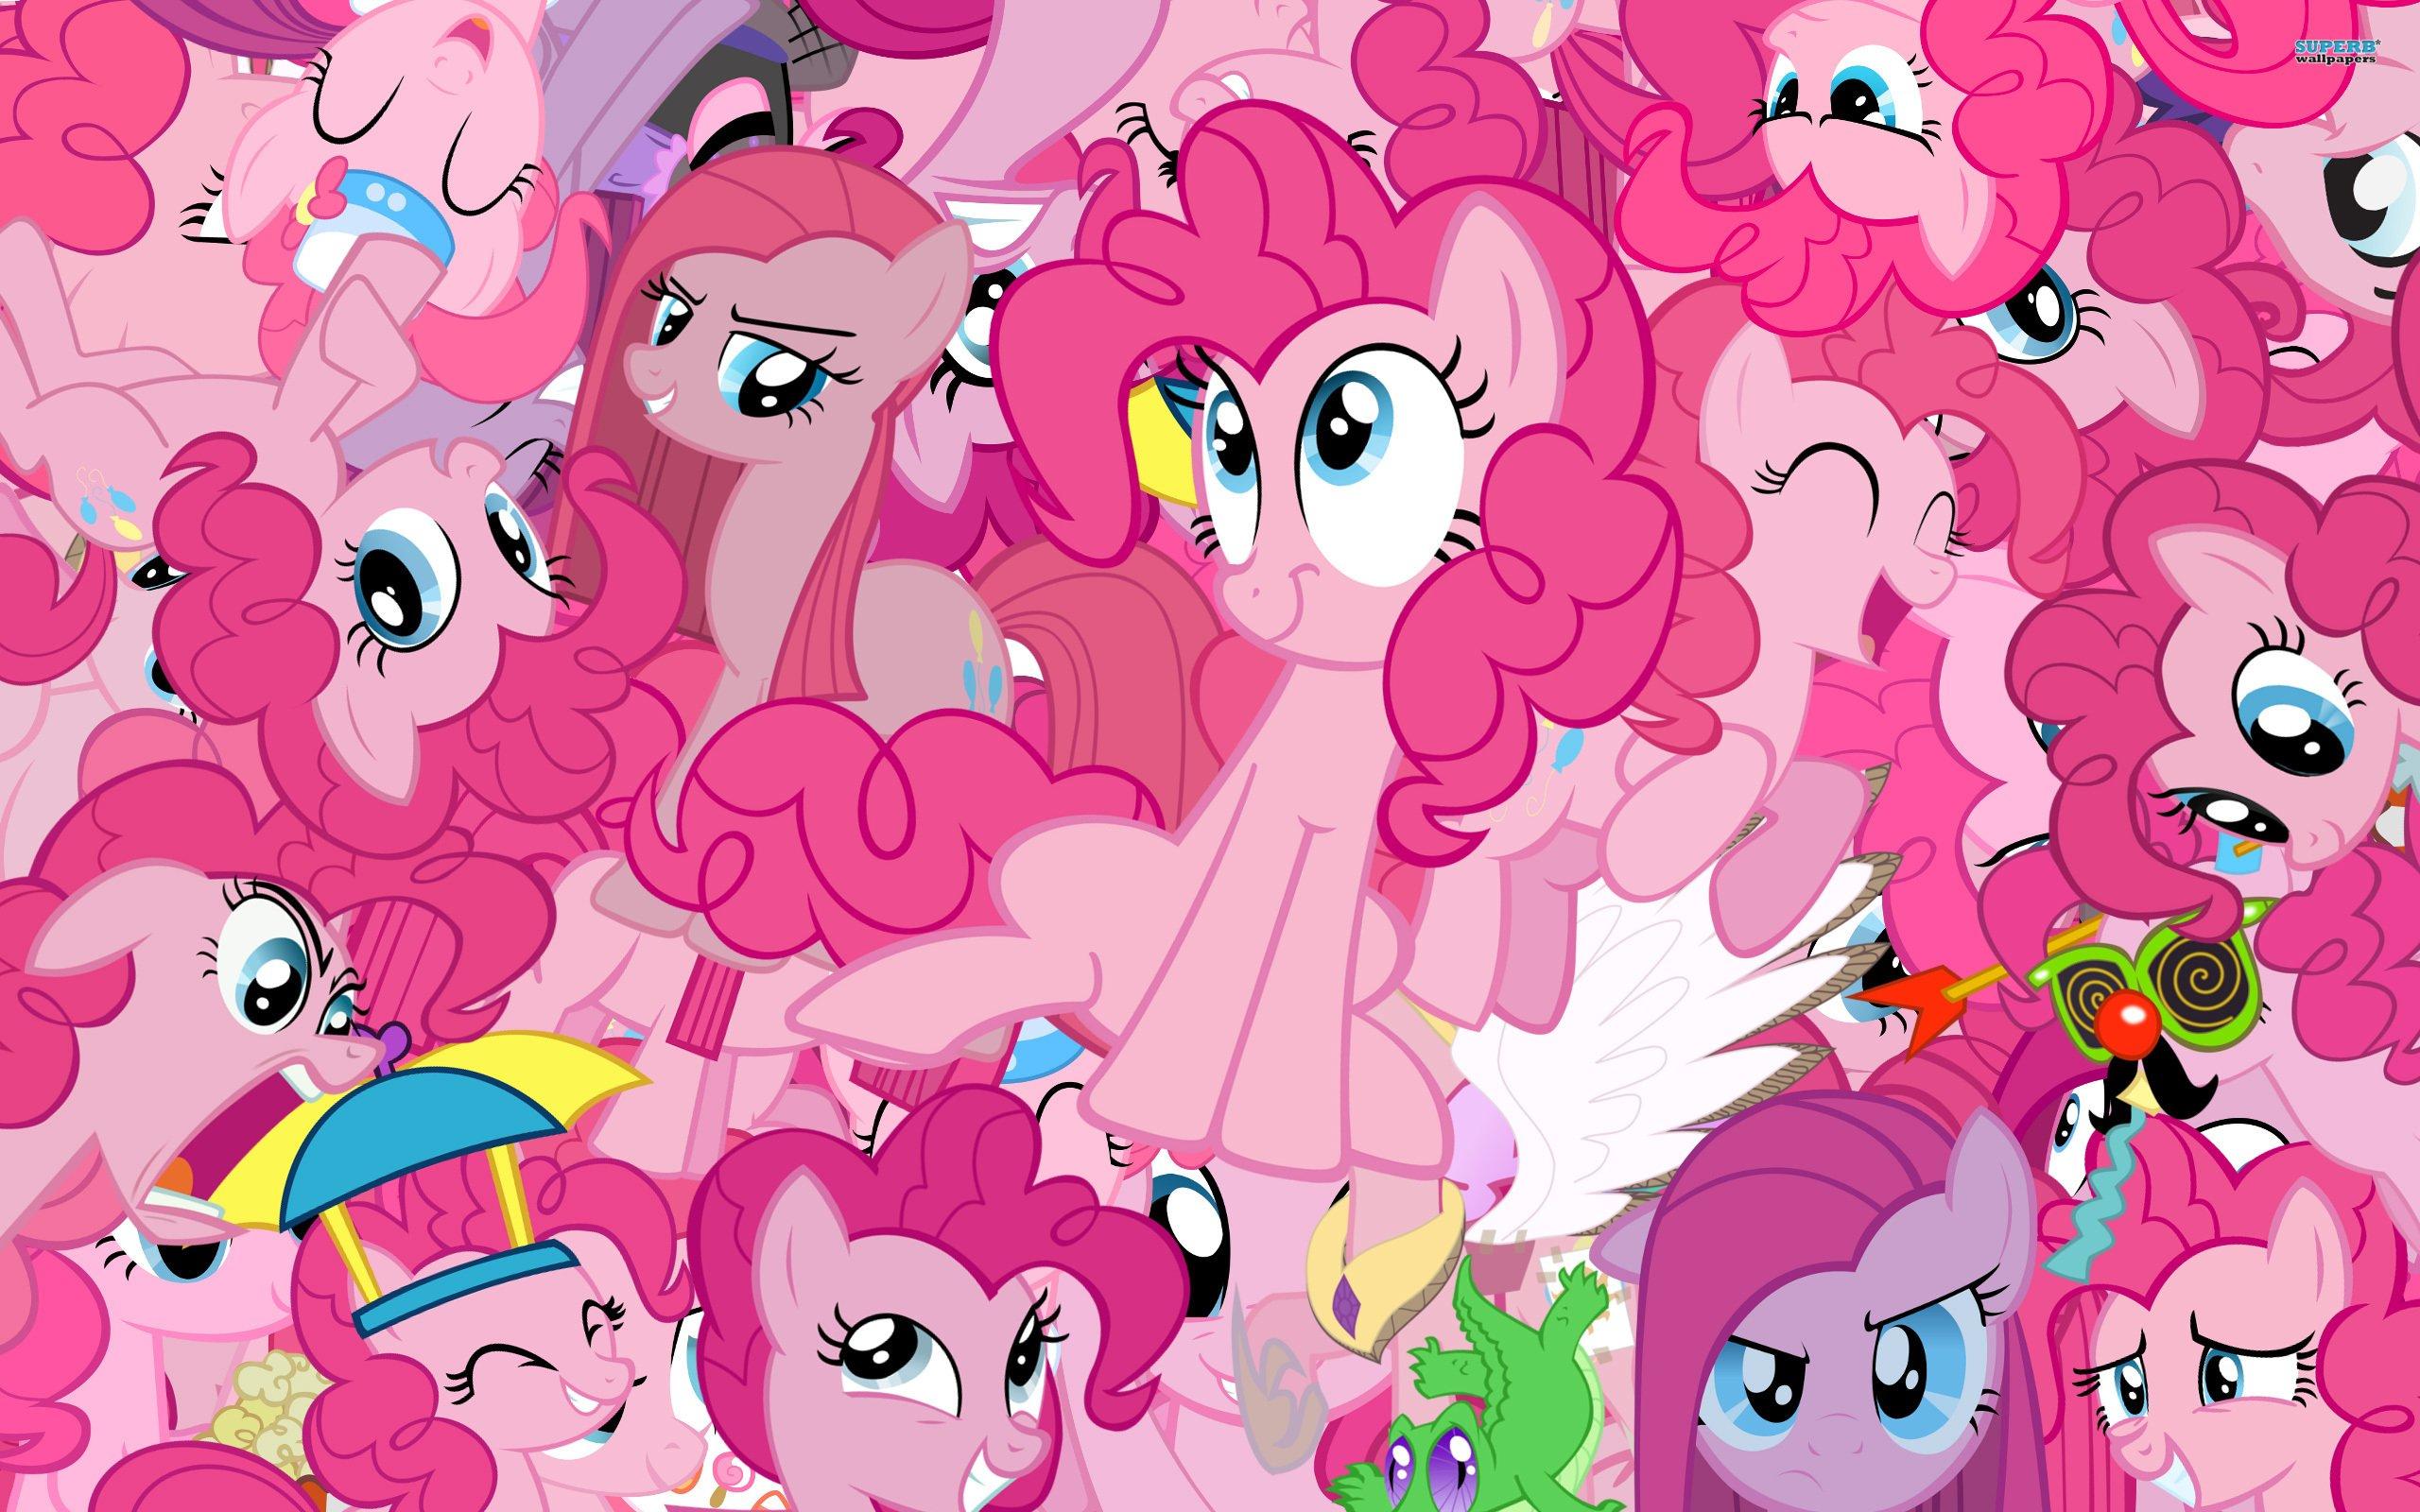 C днем рождения надоедливое розовое создание ! Поздравим Pinkie Pie с днюхой ! - Изображение 1